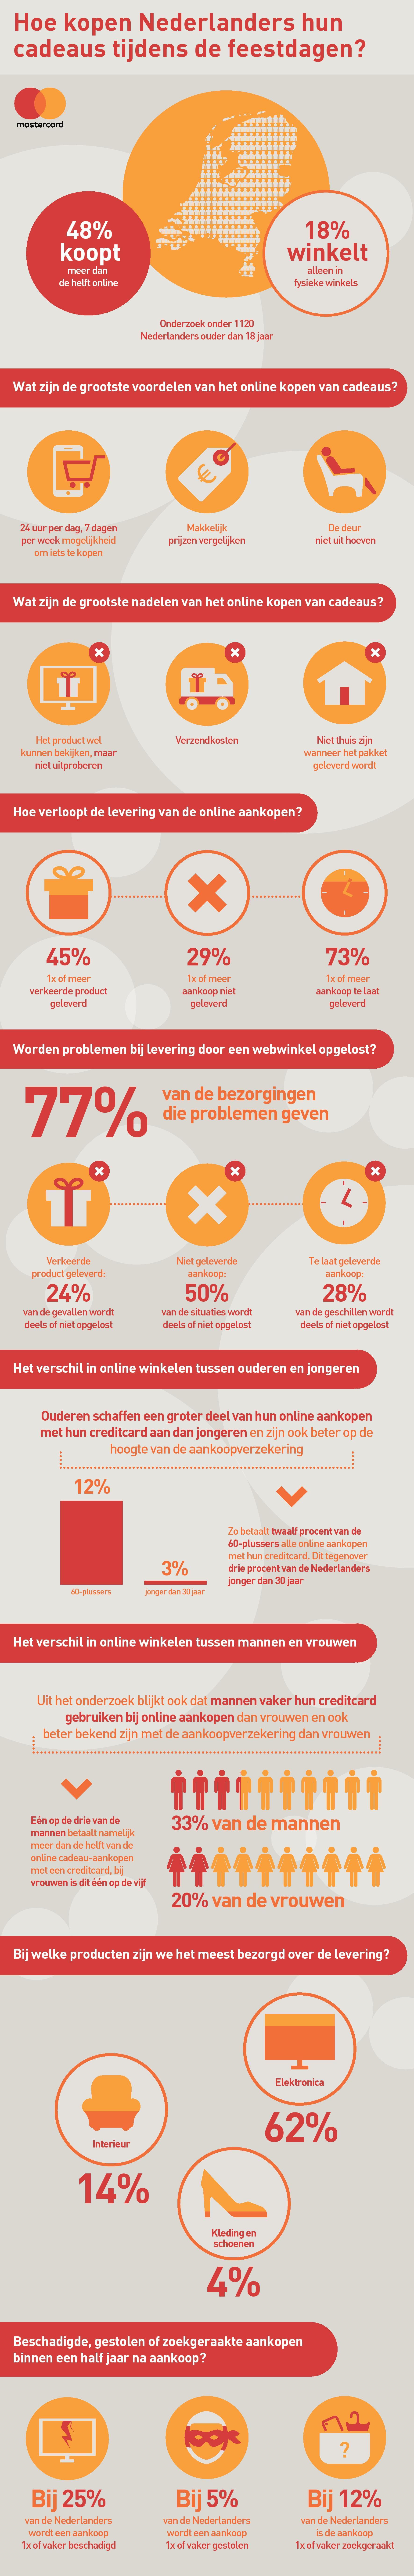 mastercard_nl_-hoe-kopen-nederlanders-hun-cadeaus-tijdens-de-feestdagen-page-001-2